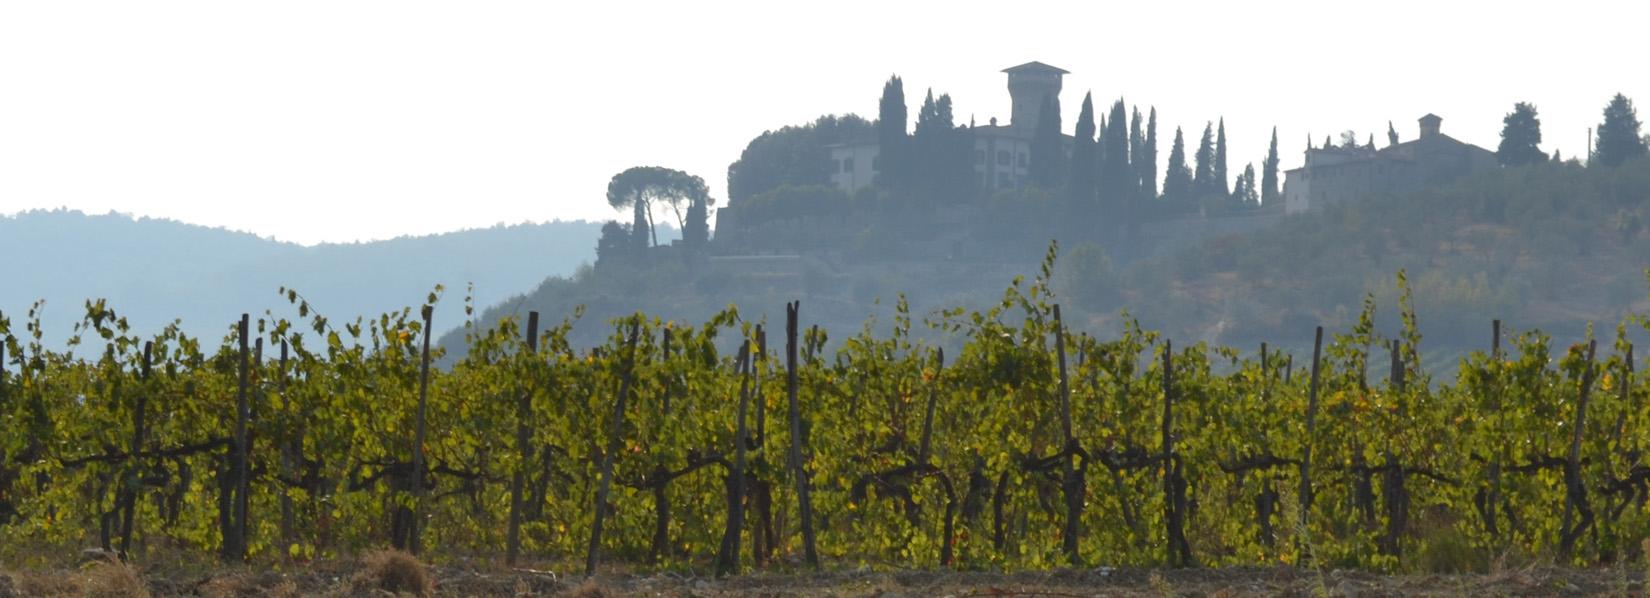 Premi nazionali e internazionali per il Castello Vicchiomaggio